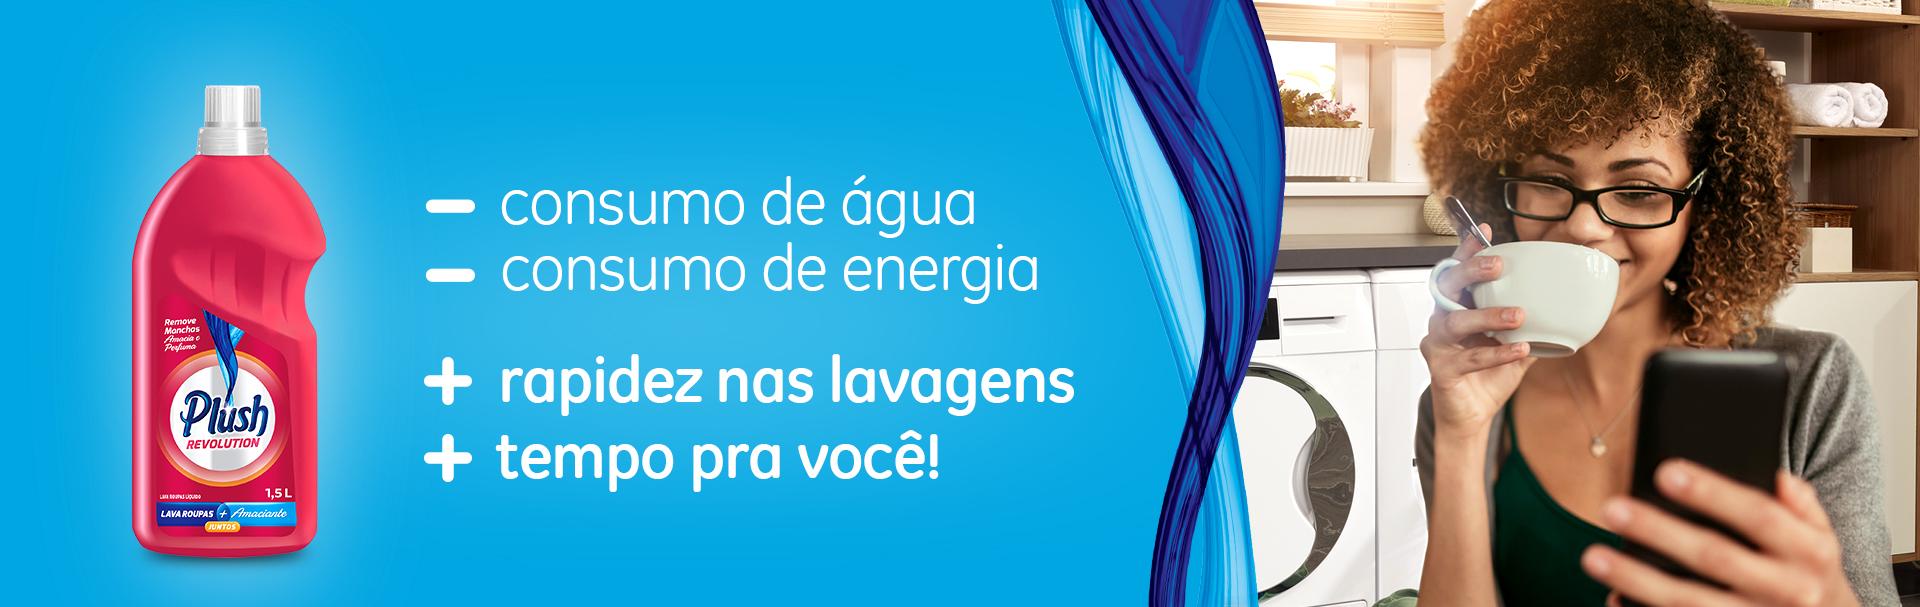 Plush Revolution - Menos consumo de água e energia, Mais rapidez e tempo livre para você